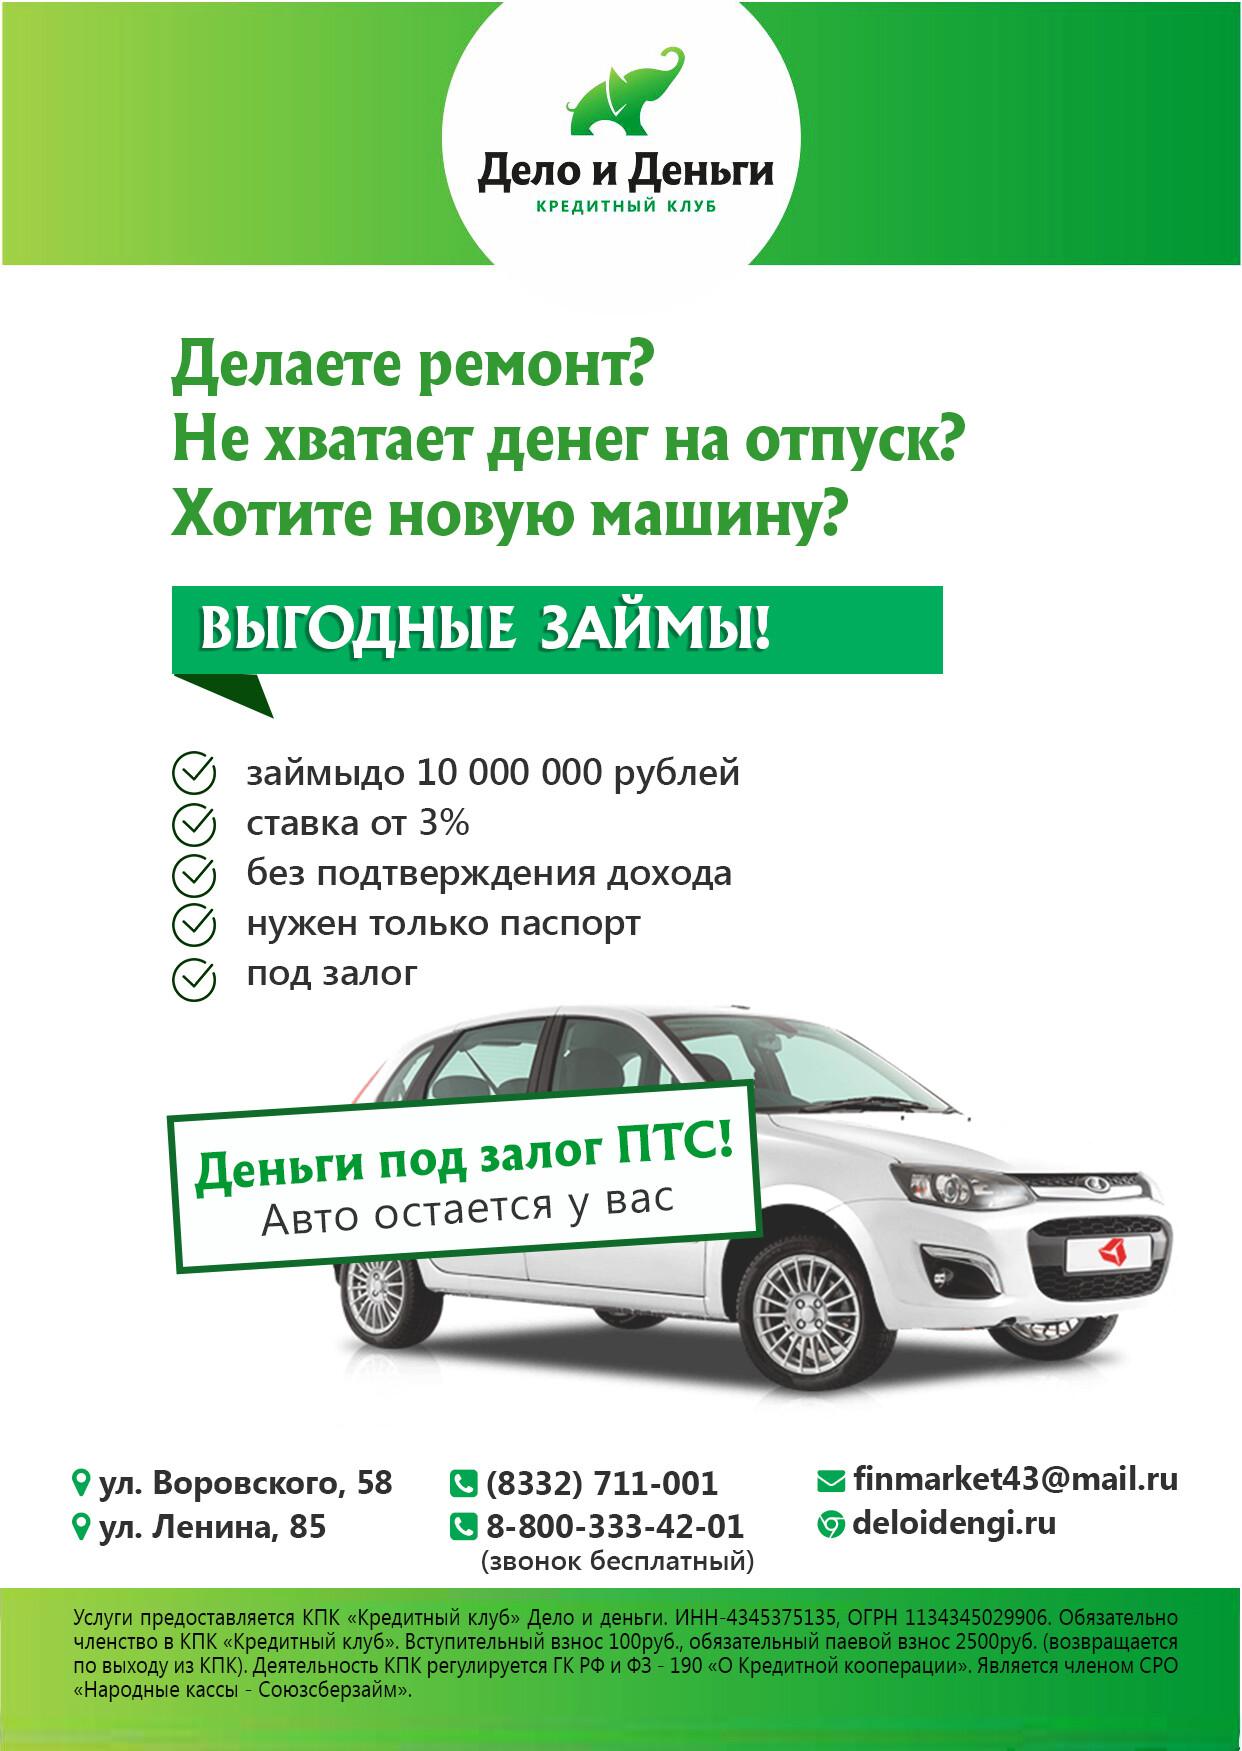 Бесплатное авто без денег продажа залогового авто ломбард